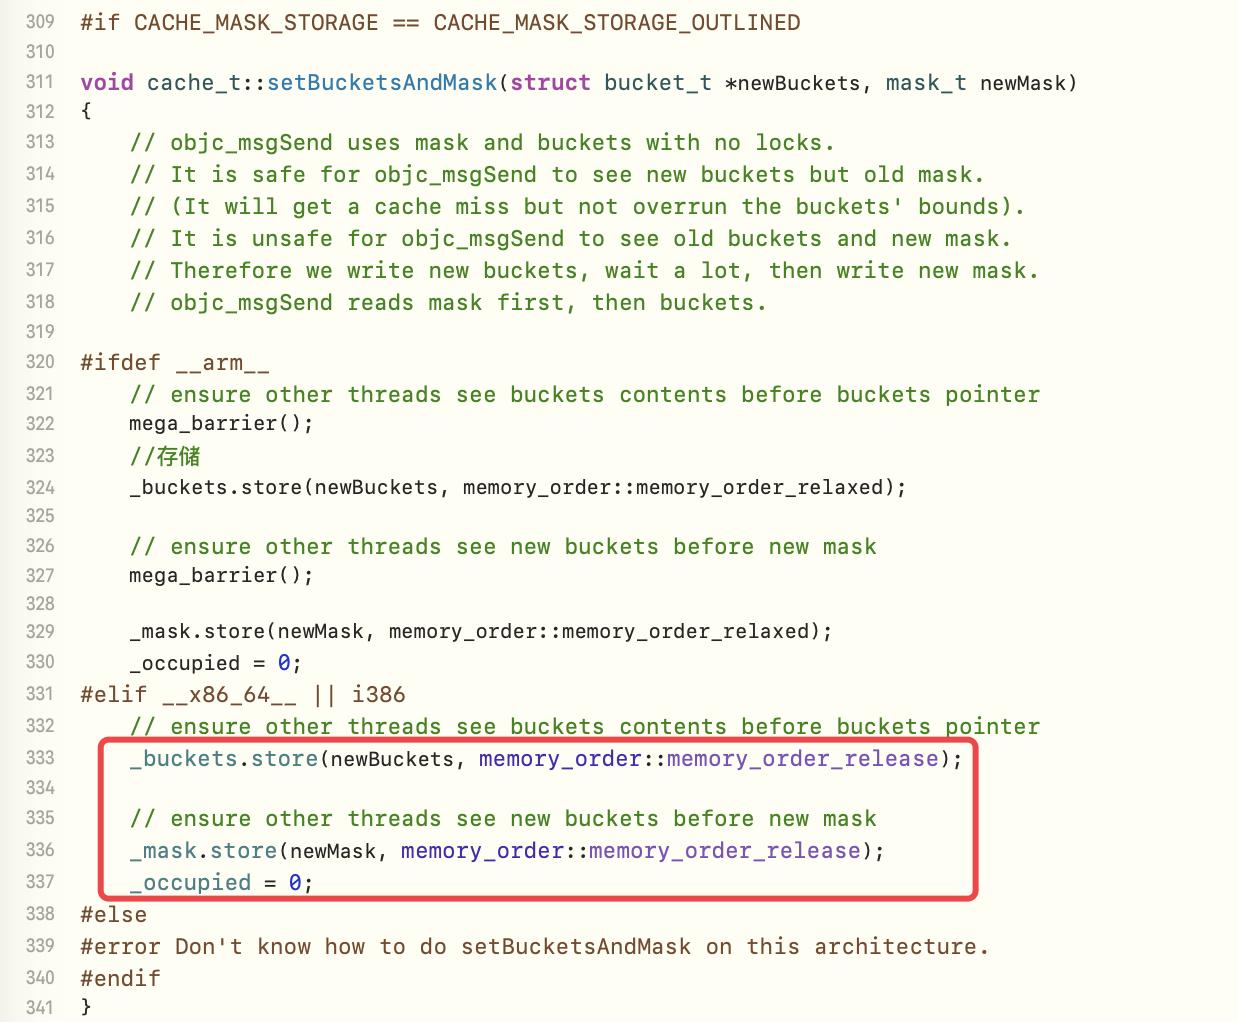 非真机的setBucketsAndMask源码实现